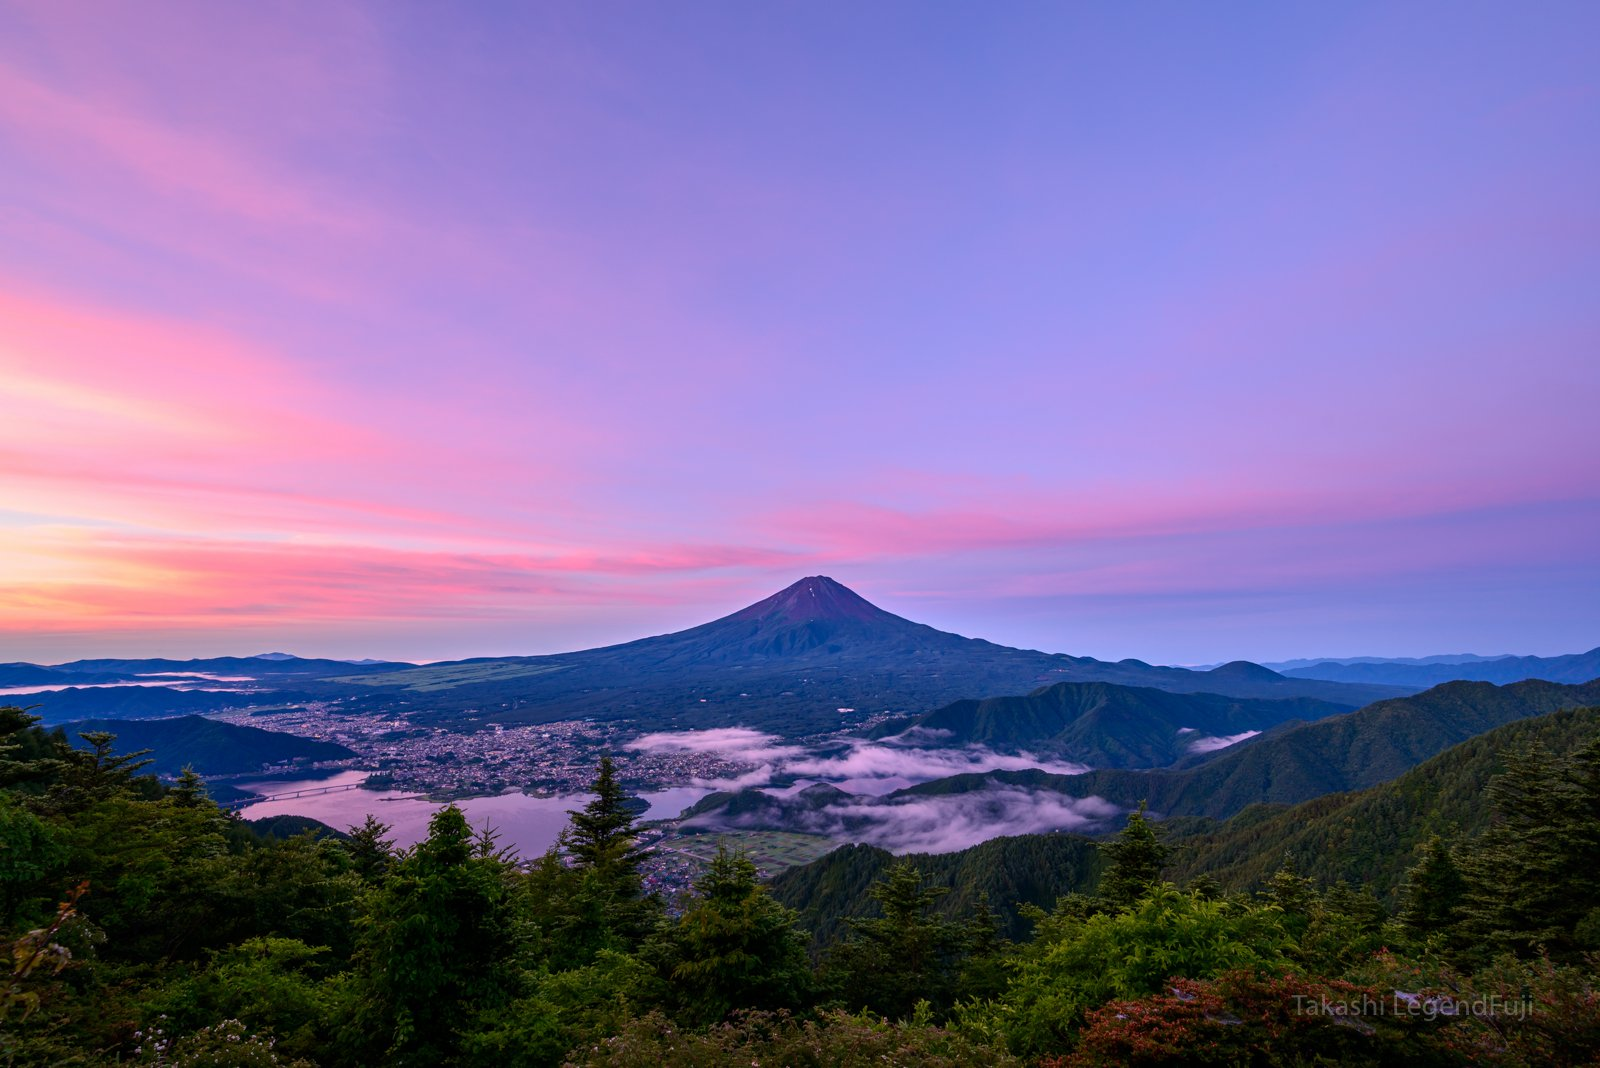 Fuji,mountain,sky,blue,pink,tree,lake,Japan,morning glow,sunrise,sunshine,morning,, Takashi